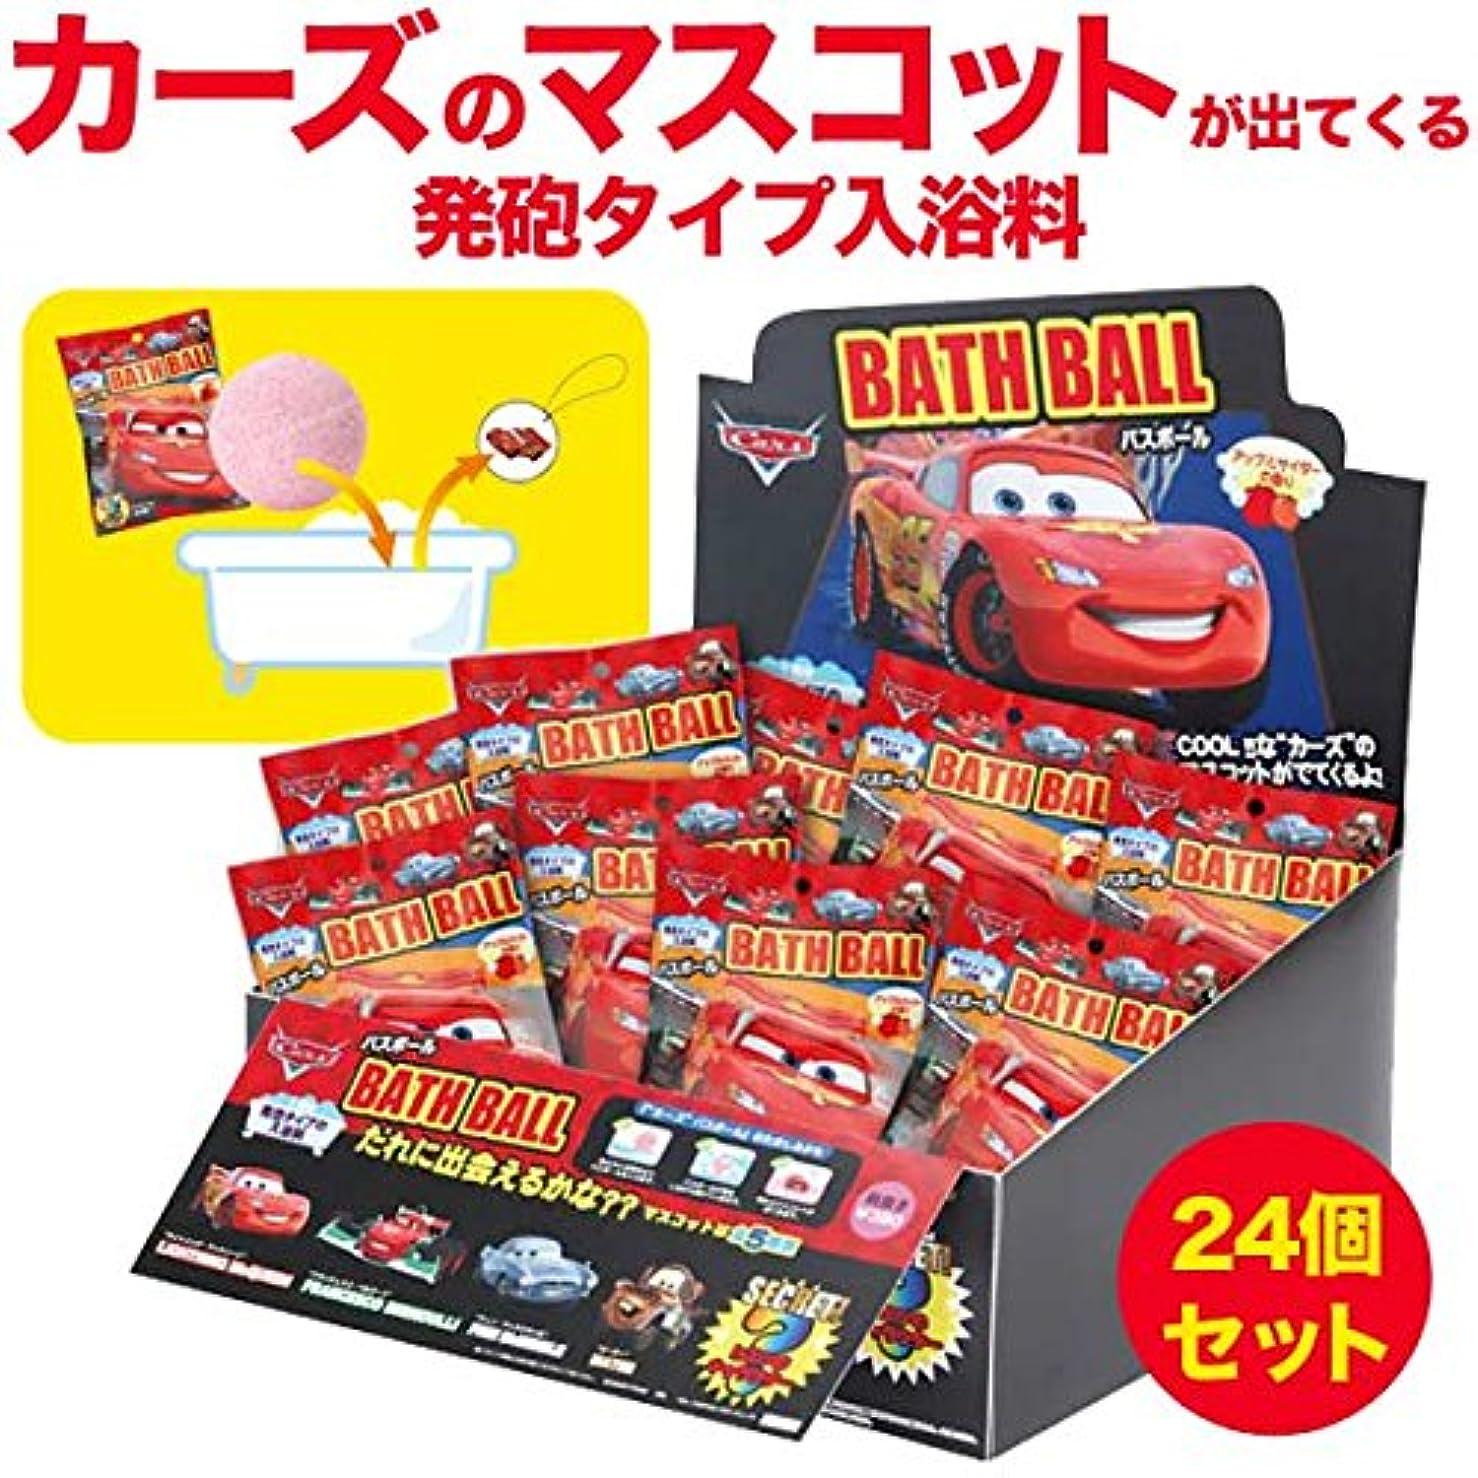 パズル多様性シェード福袋 (セット品) カーズ バスボール ディスプレイボックス入り 24個セット